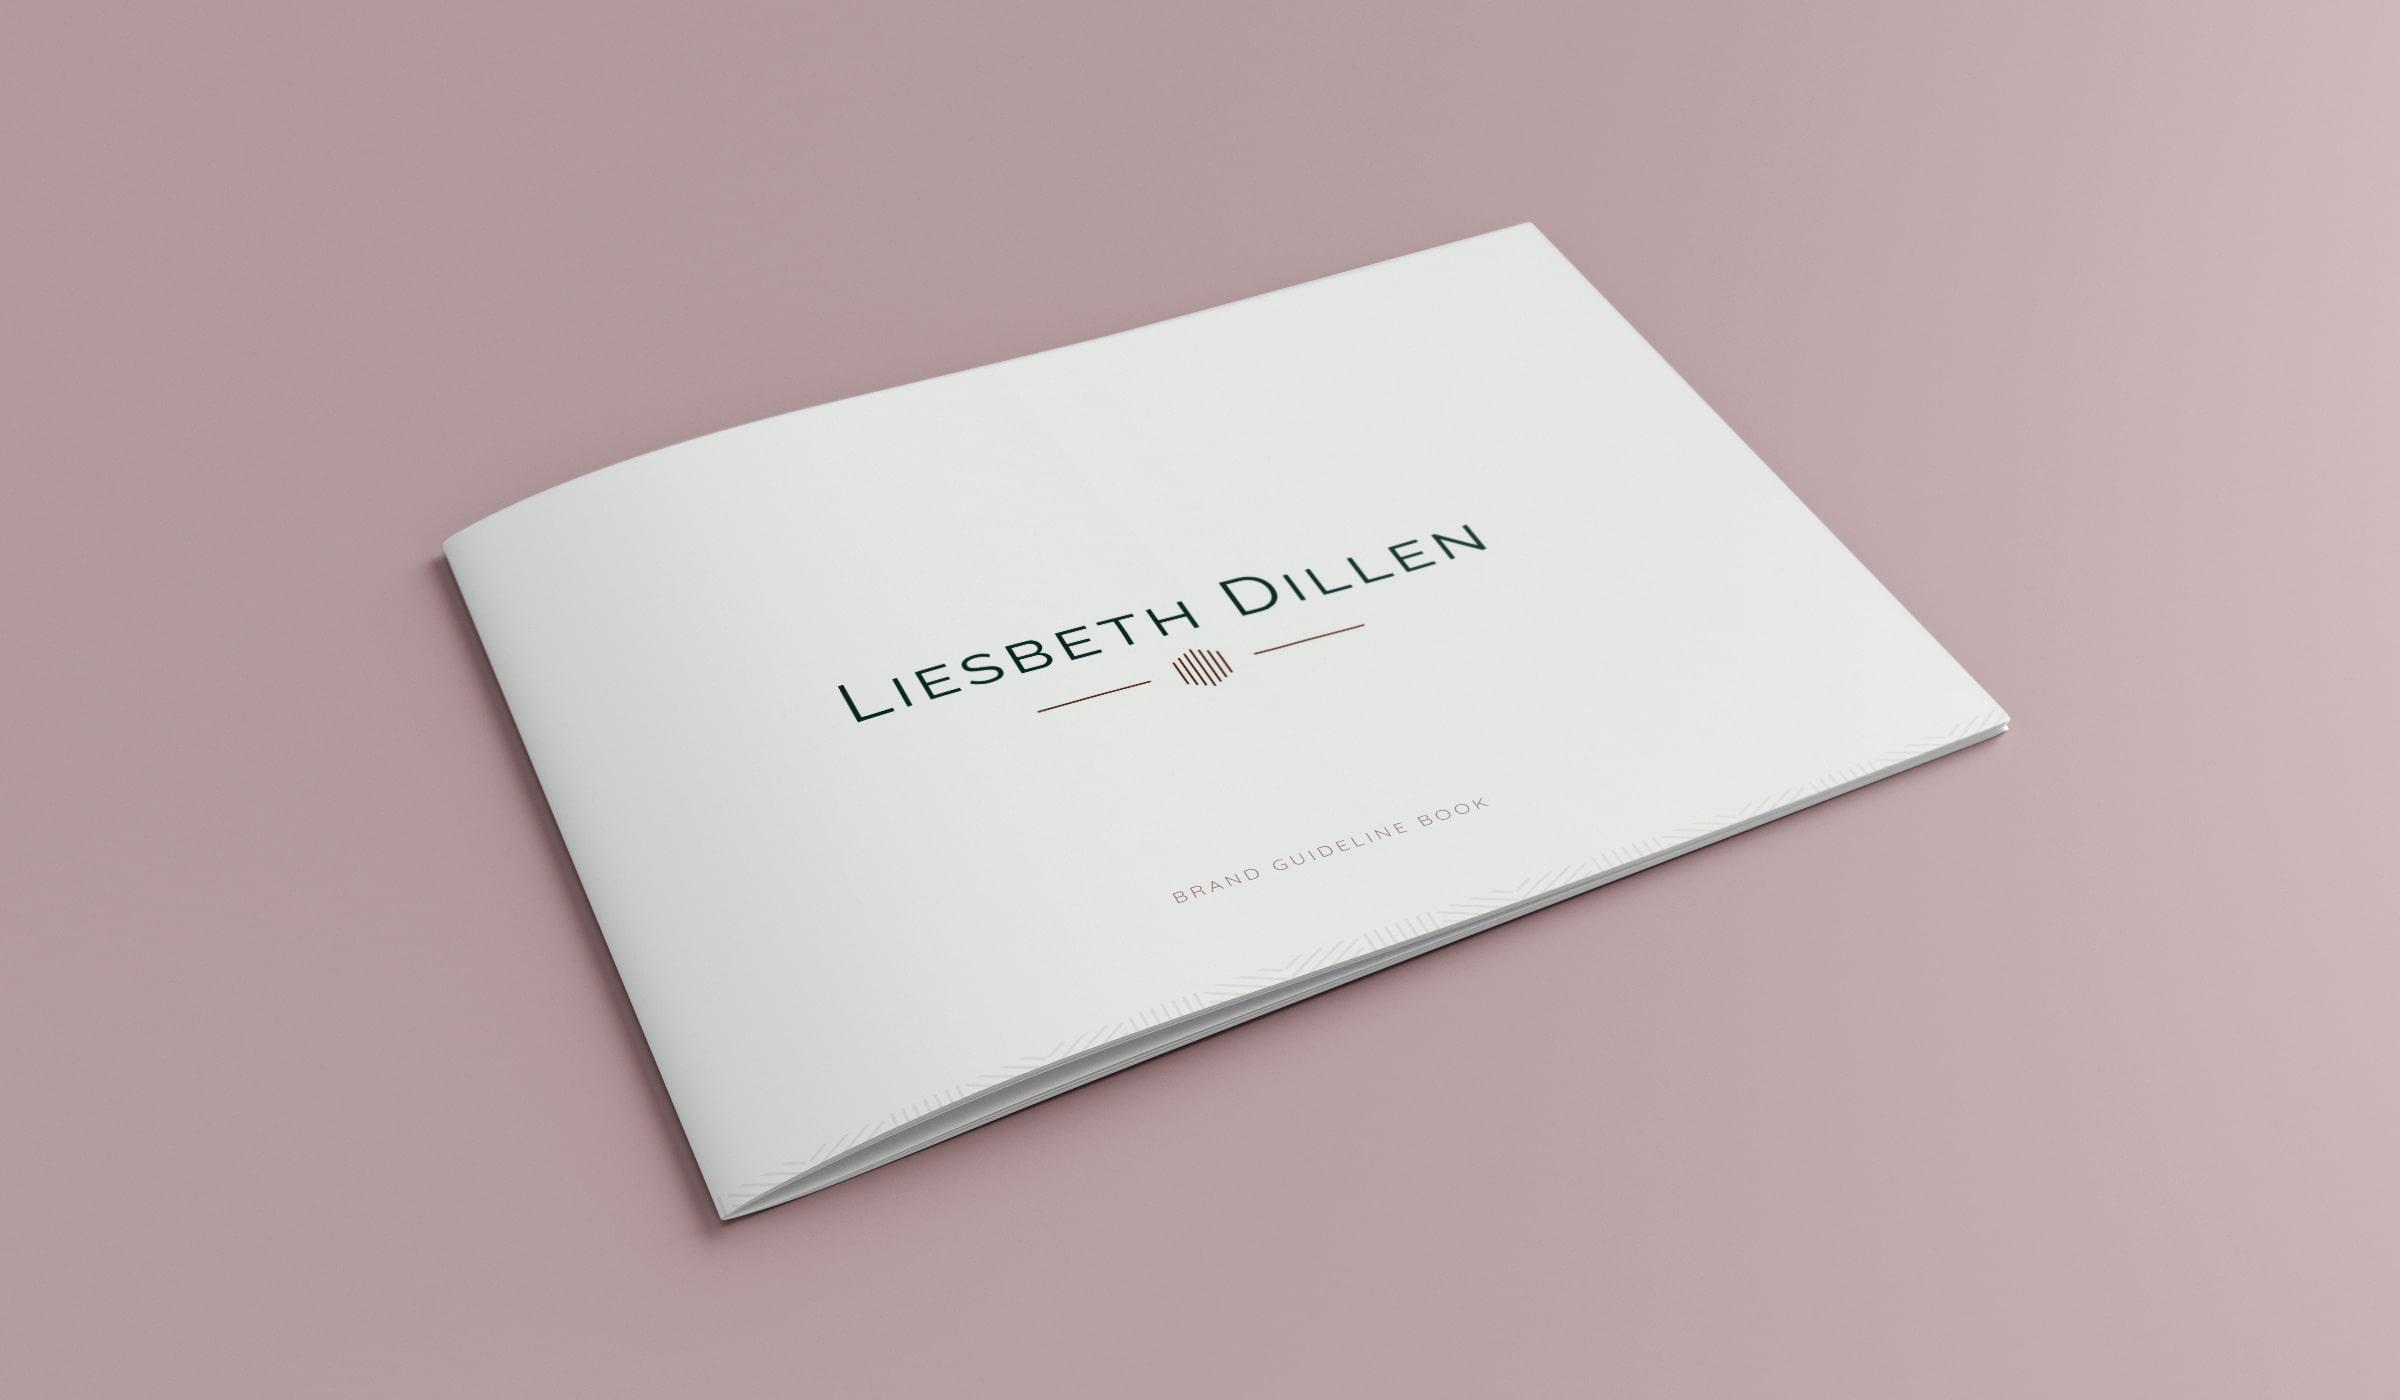 Liesbeth-Dillen-WEB-Brand-Content-VJS-Agency-Brandbook-1-1-min.jpg